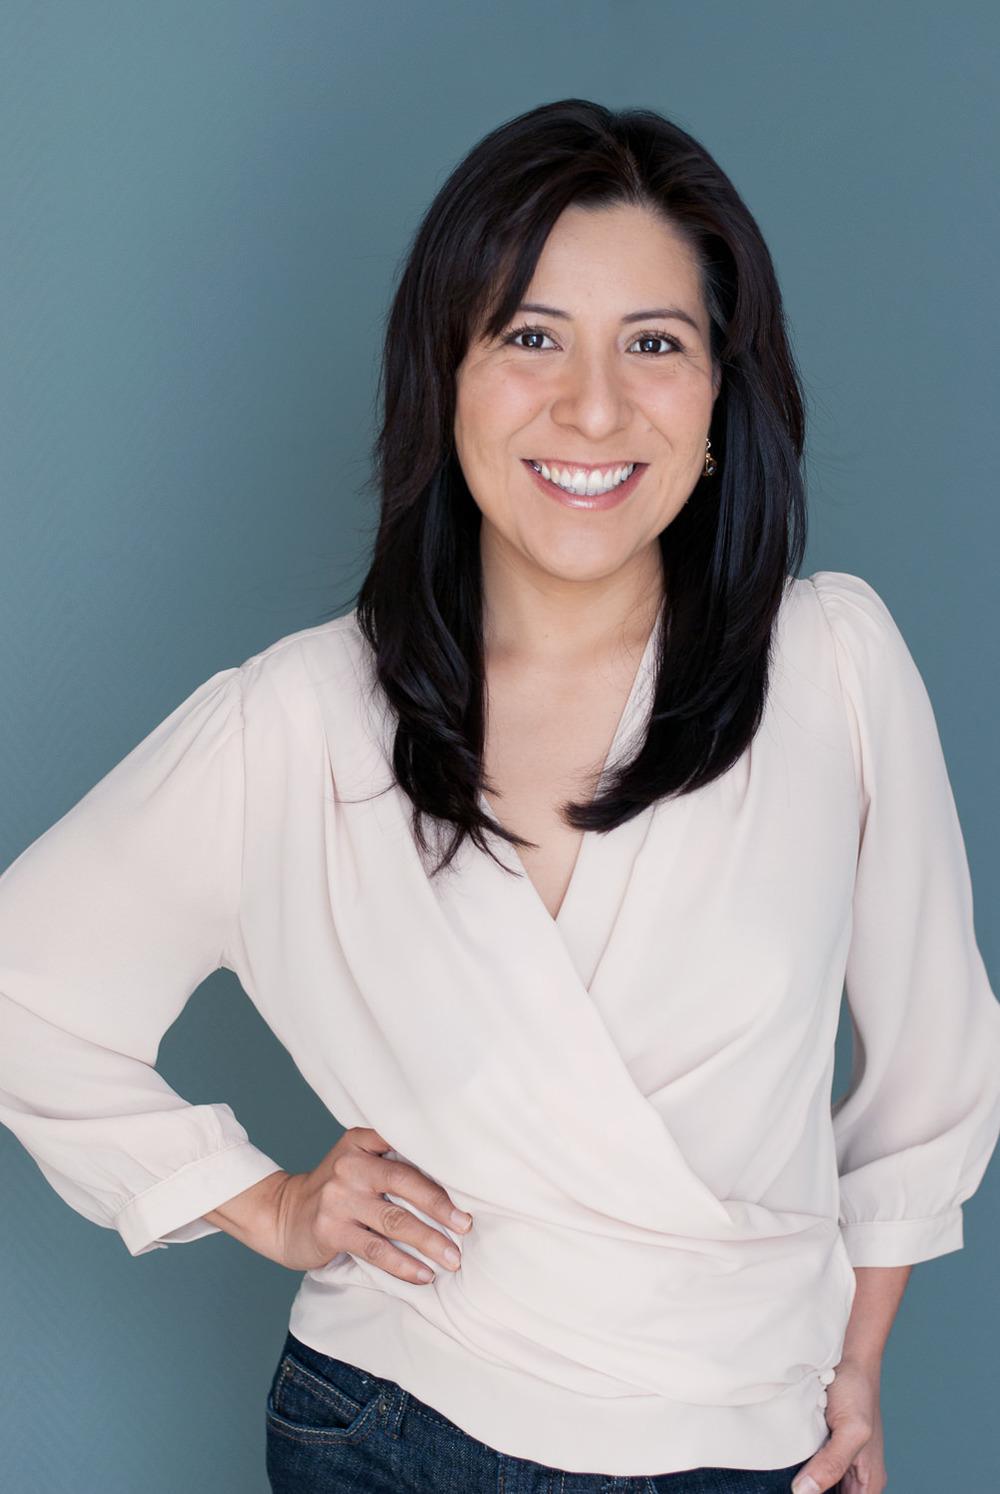 Nayely-Melissa Alcantar Fotografía-Sesión de fotos en Mexicali